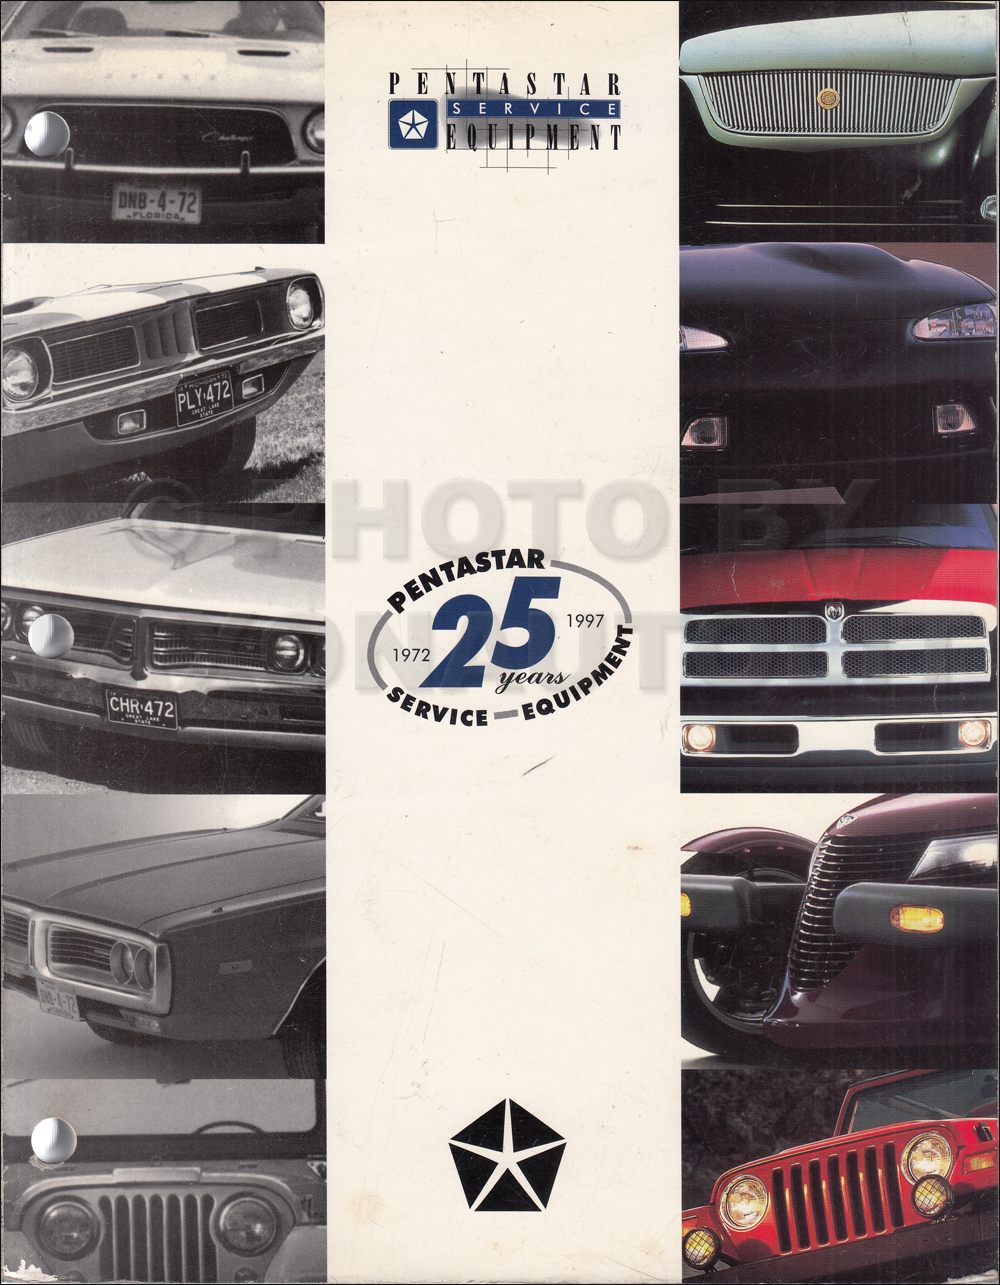 1997-1998 Mopar Service Equipment Catalog Original